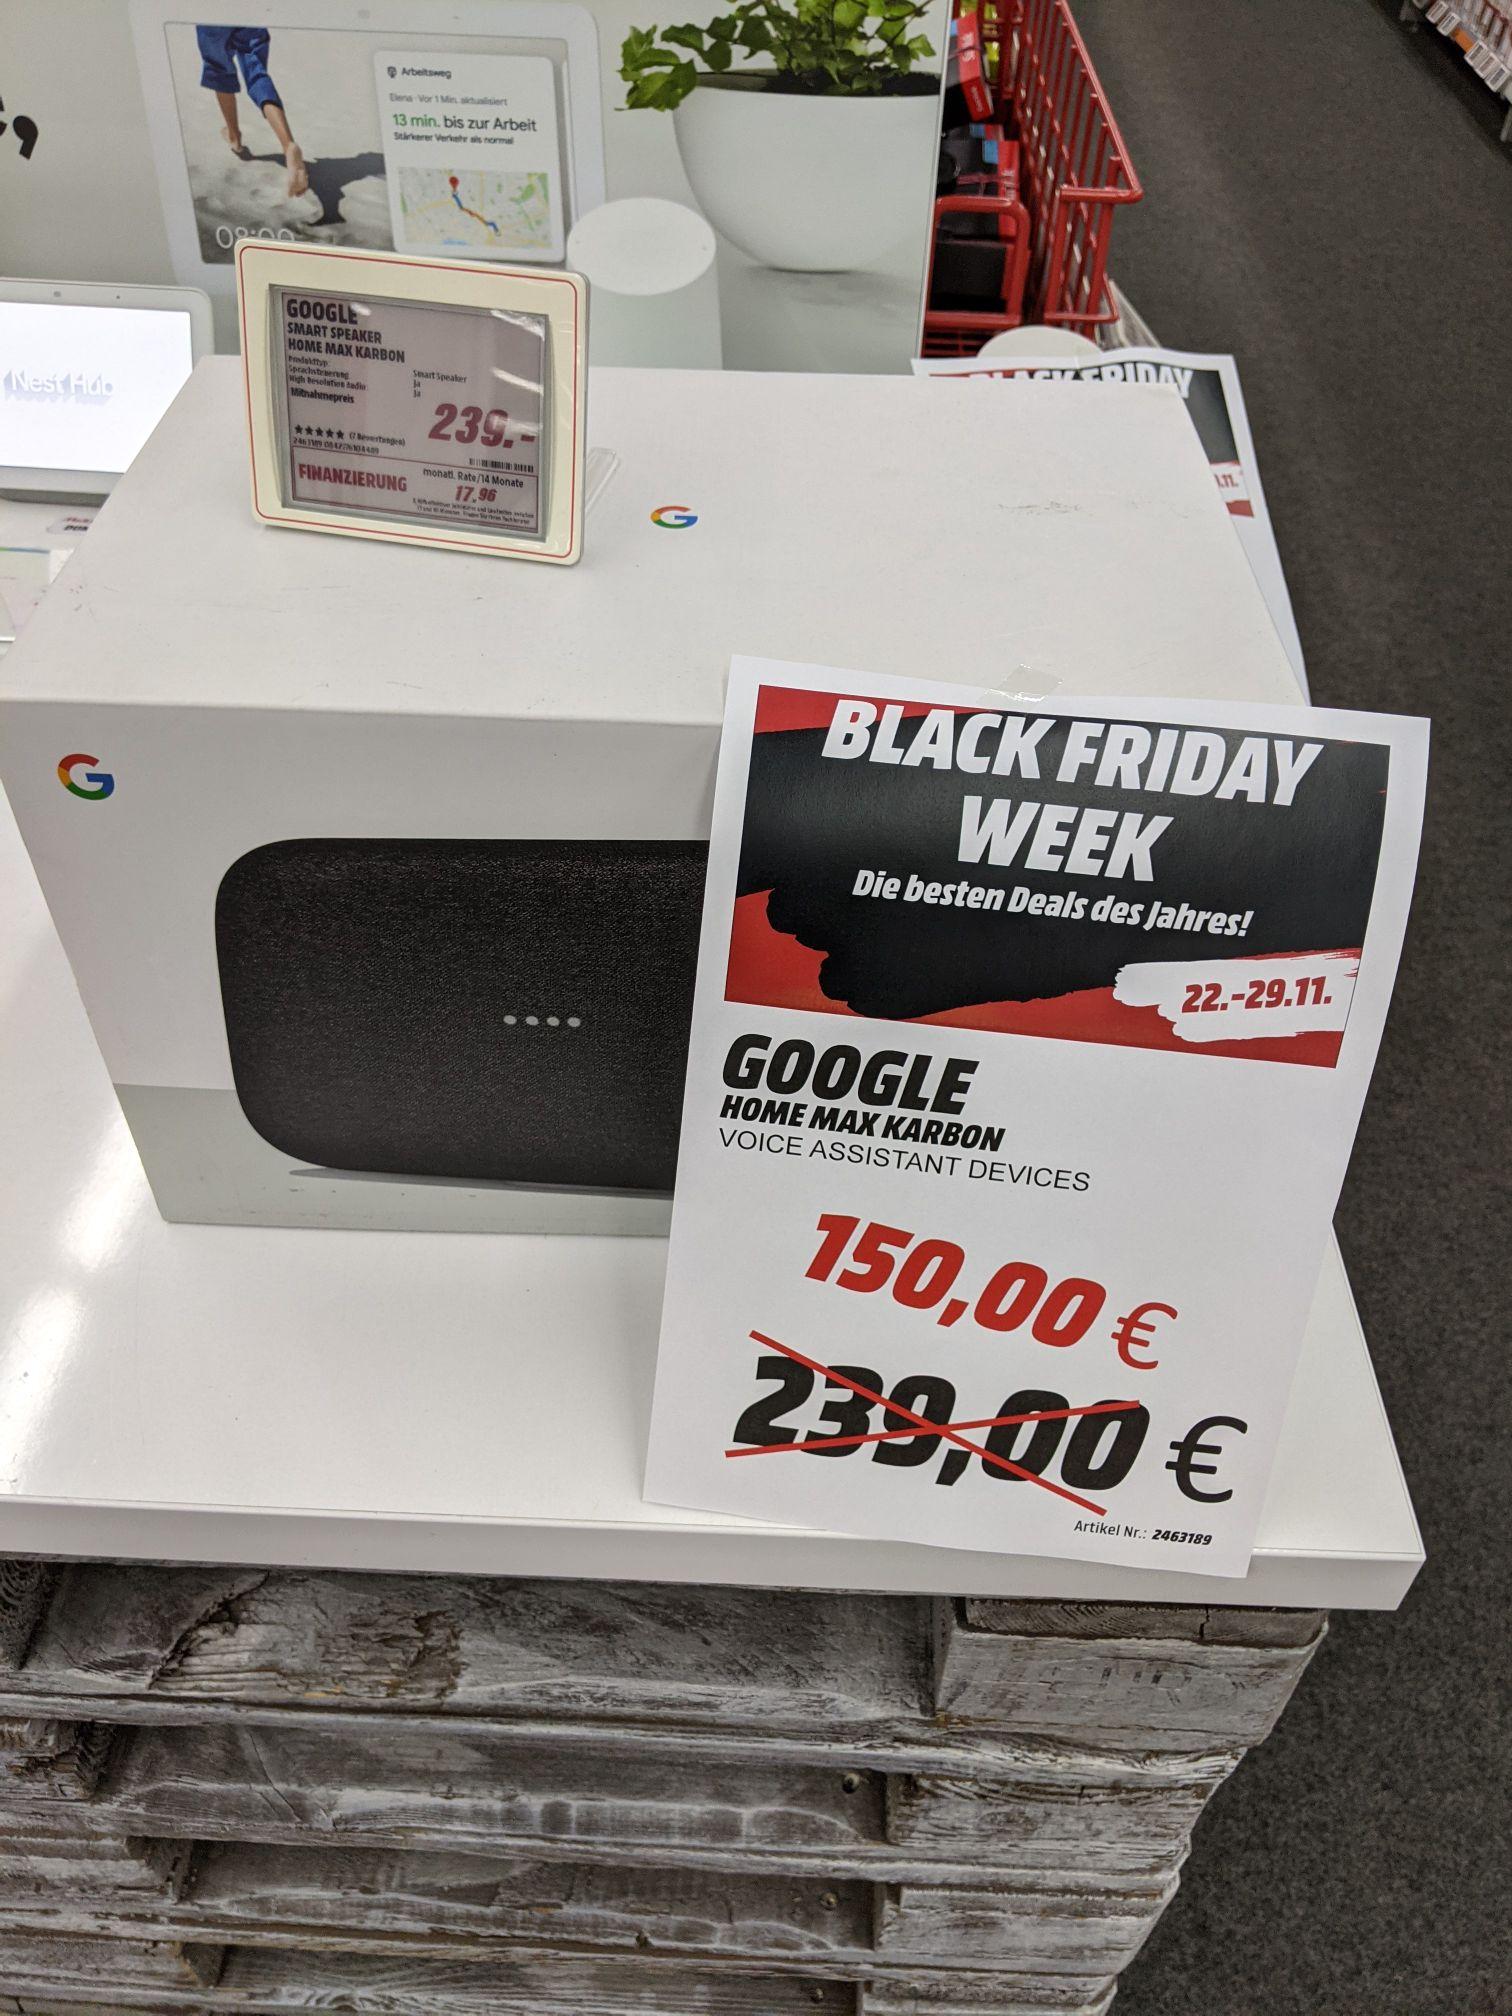 (Lokal Berlin Mediamarkt Ostseestr.) Google Home Max